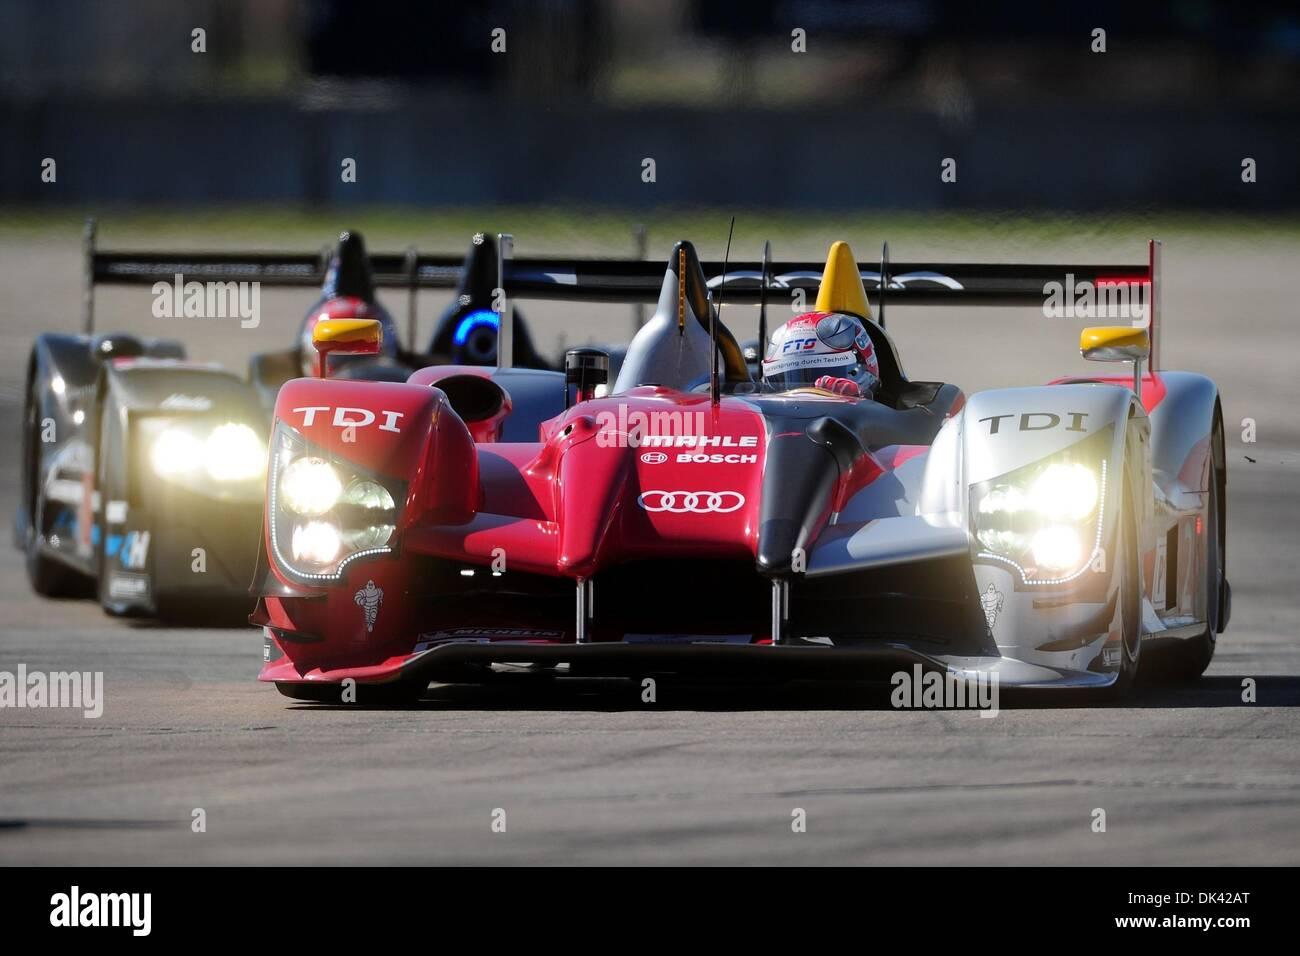 18. März 2011 - Laufwerke Sebring, Florida, USA - Audi Sport Fahrer RINALDO CAPELLO, Italiens, der R15 Plus während des Trainings für die 12 Stunden von Sebring. (Kredit-Bild: © Rainier Ehrhardt/ZUMA Press/Rainier Ehrhardt) Stockbild